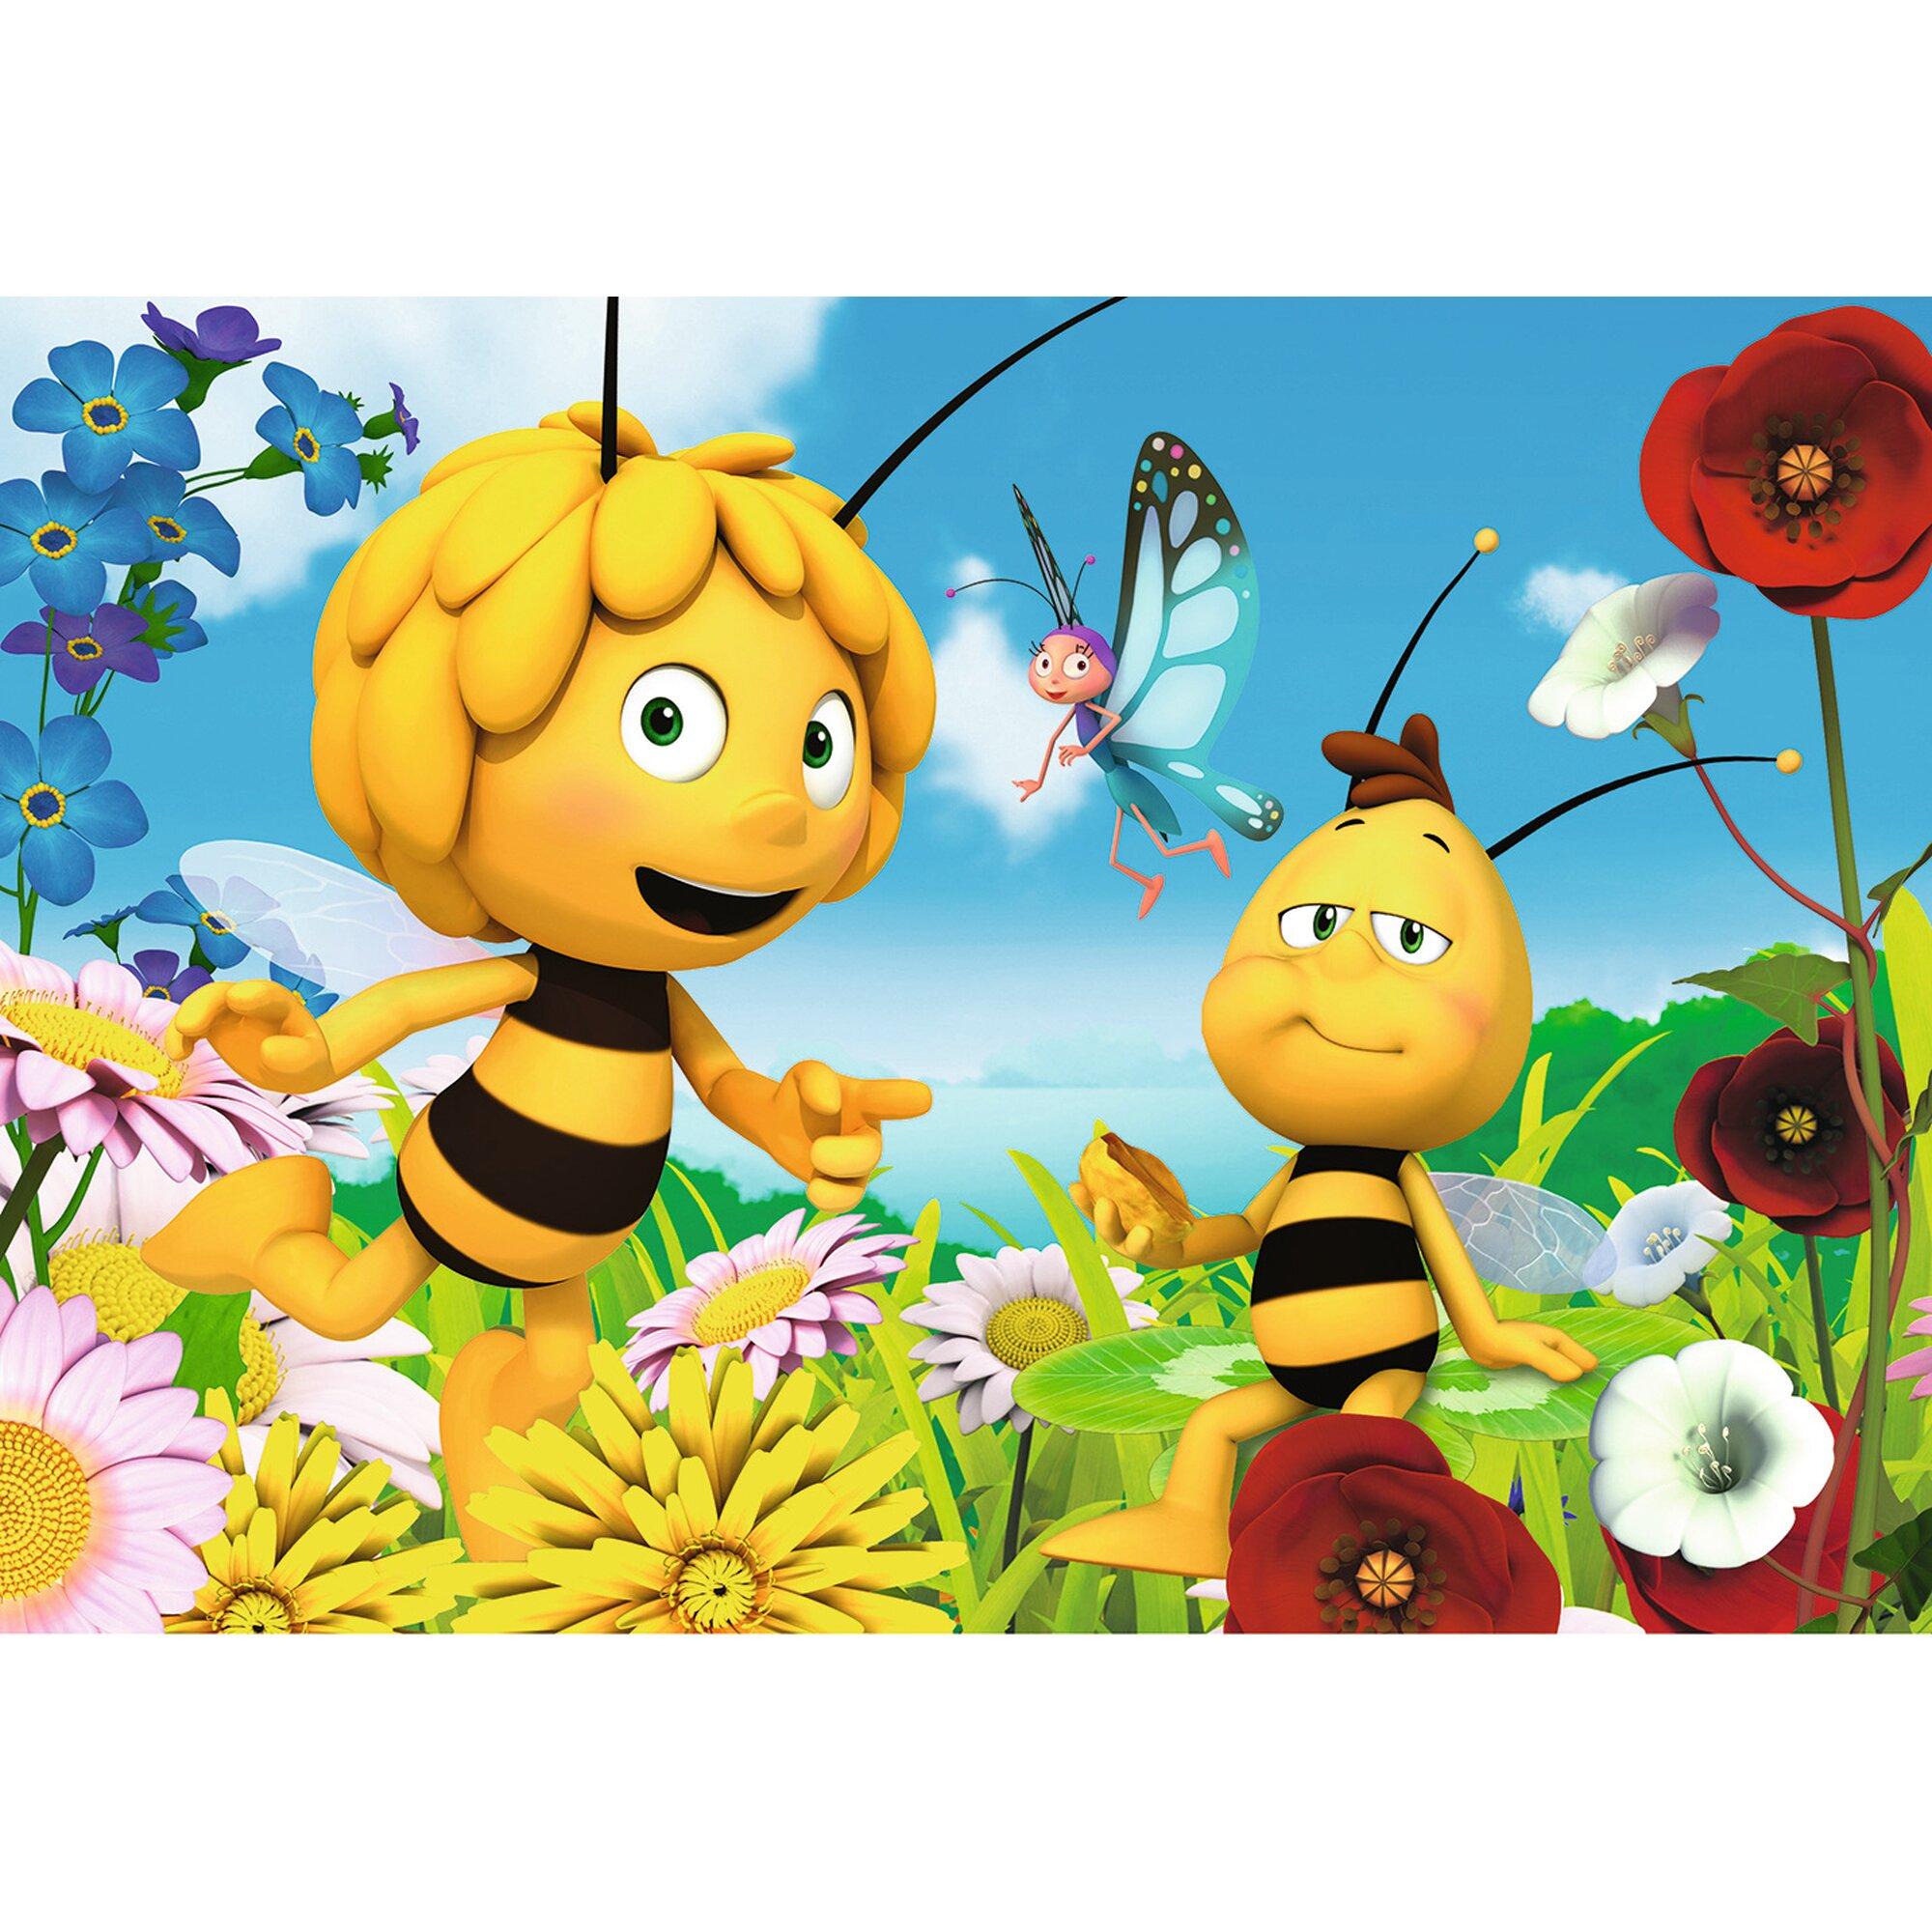 ravensburger-zwei-kinderpuzzles-inkl-mini-postern-24-teile-biene-maja-und-ihre-freunde